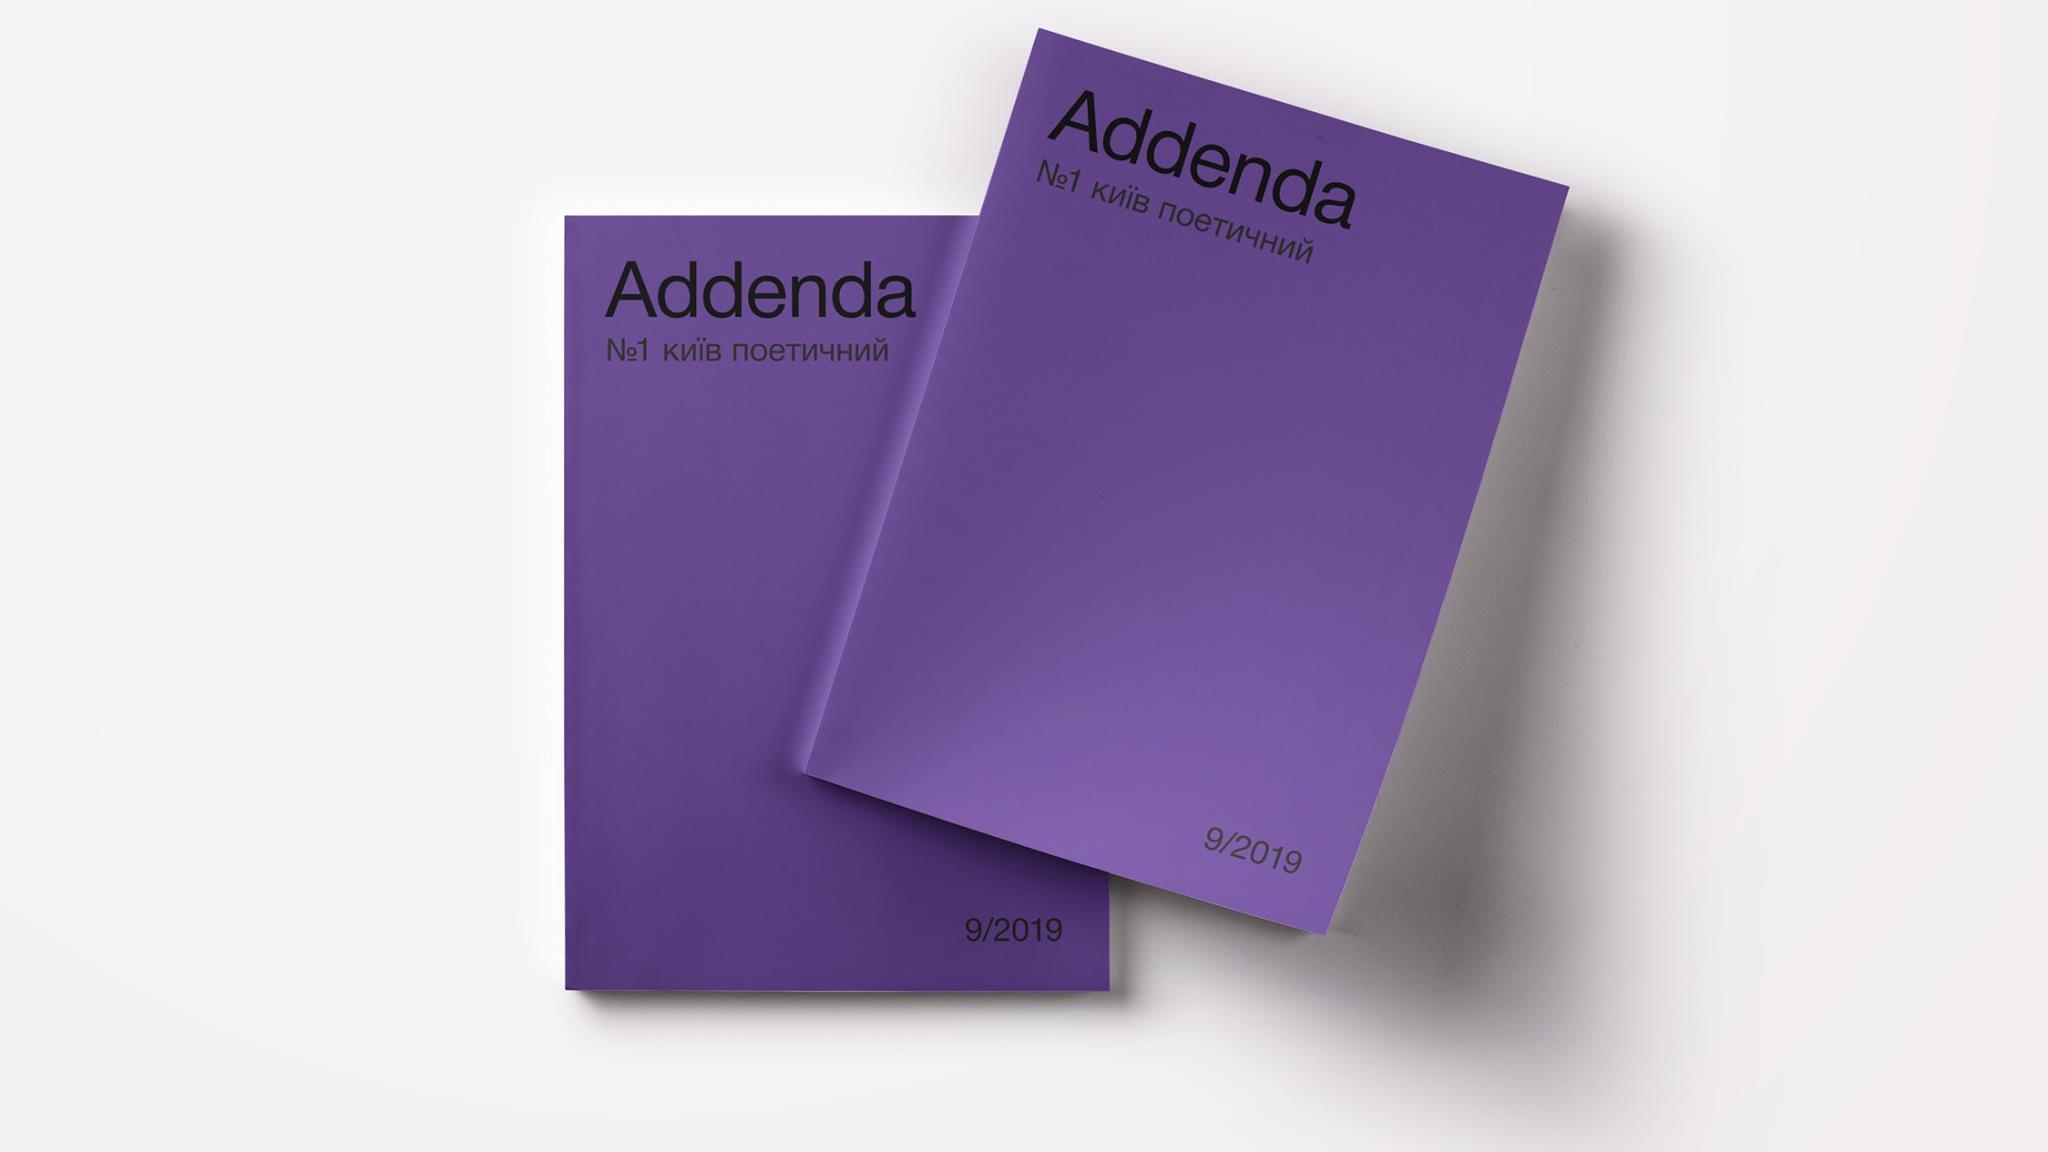 «Київ поетичний», Addenda Press